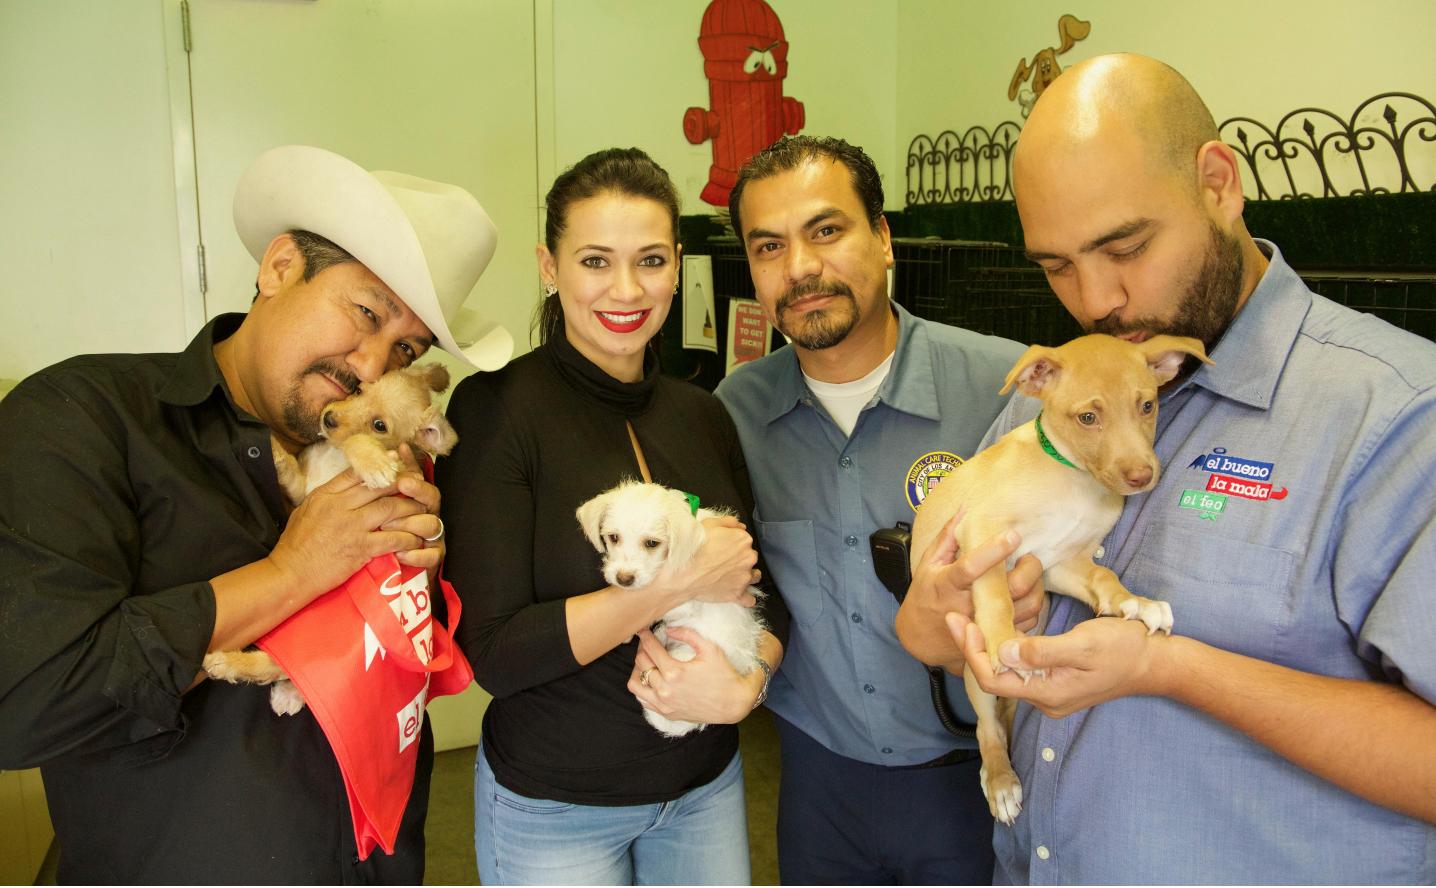 Abre la puerta de tu hogar a una mascota y nosotros te ayudamos con los gastos de adopción